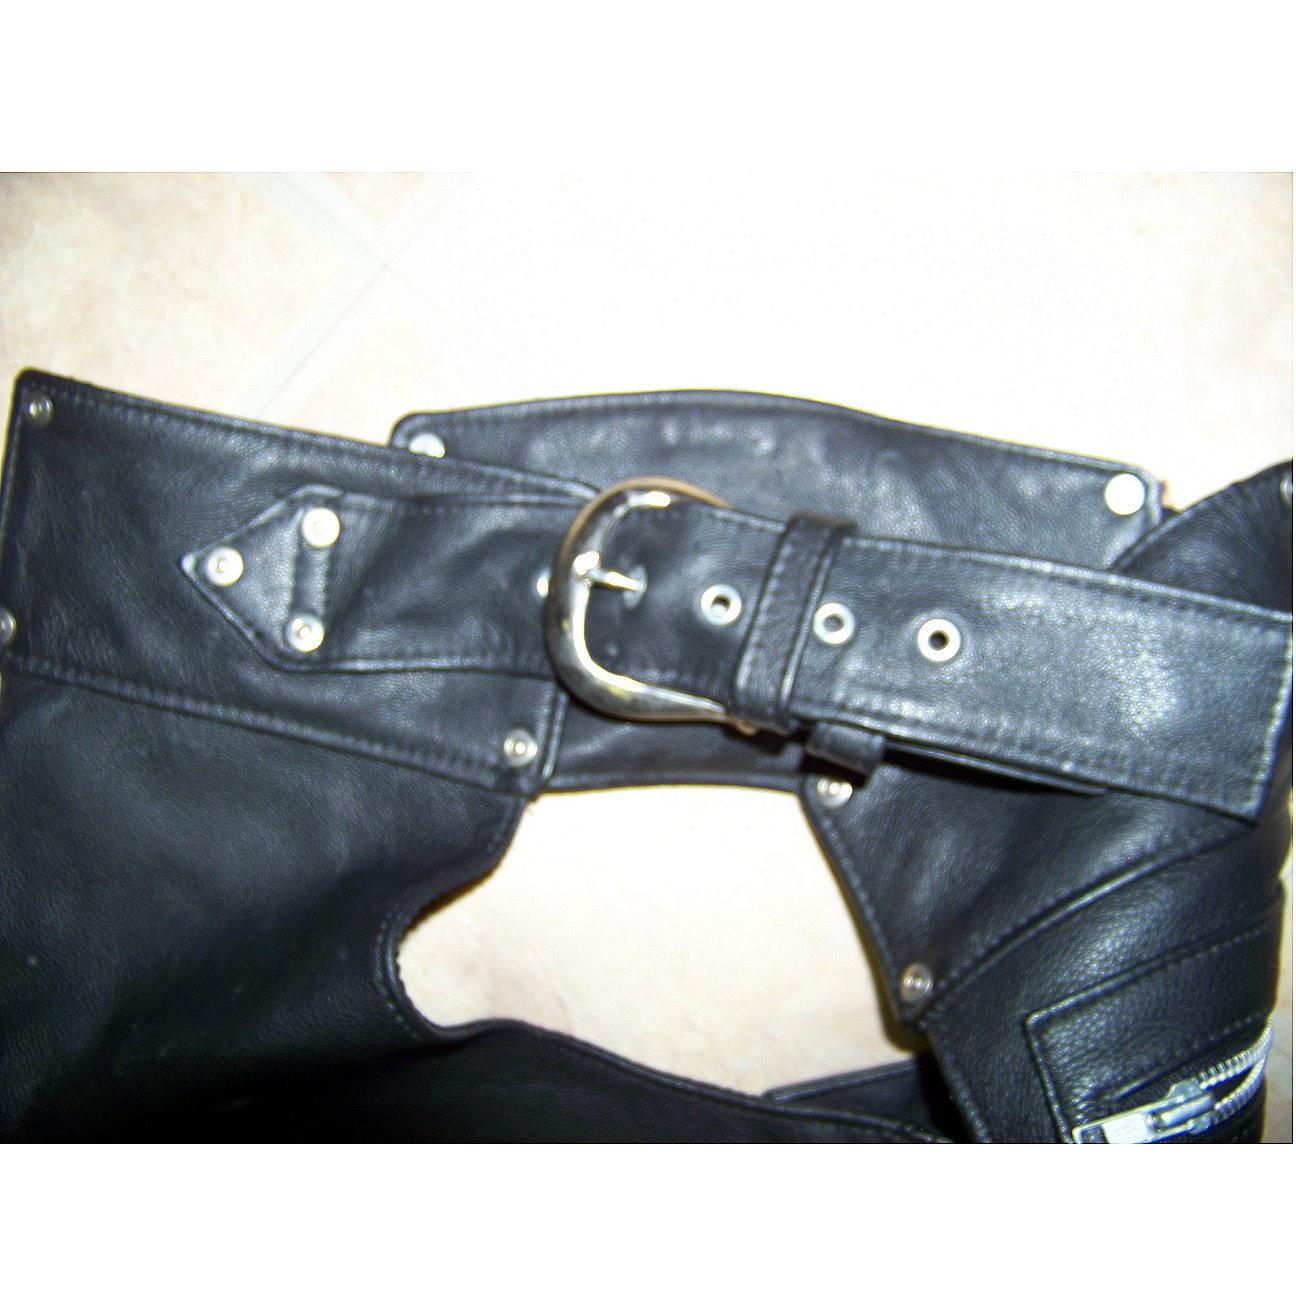 Harley Davidson leather chaps black mens large RESERVED FOR SKAE